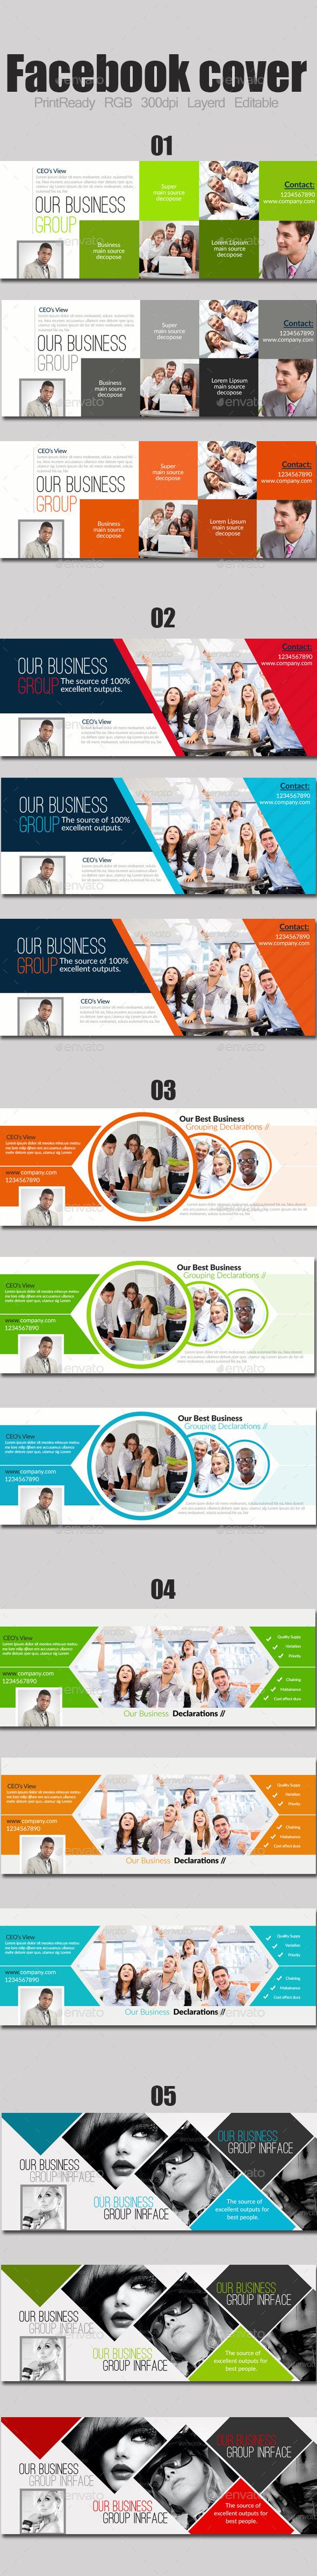 Business Timelines Bundle - Facebook Timeline Covers Social Media